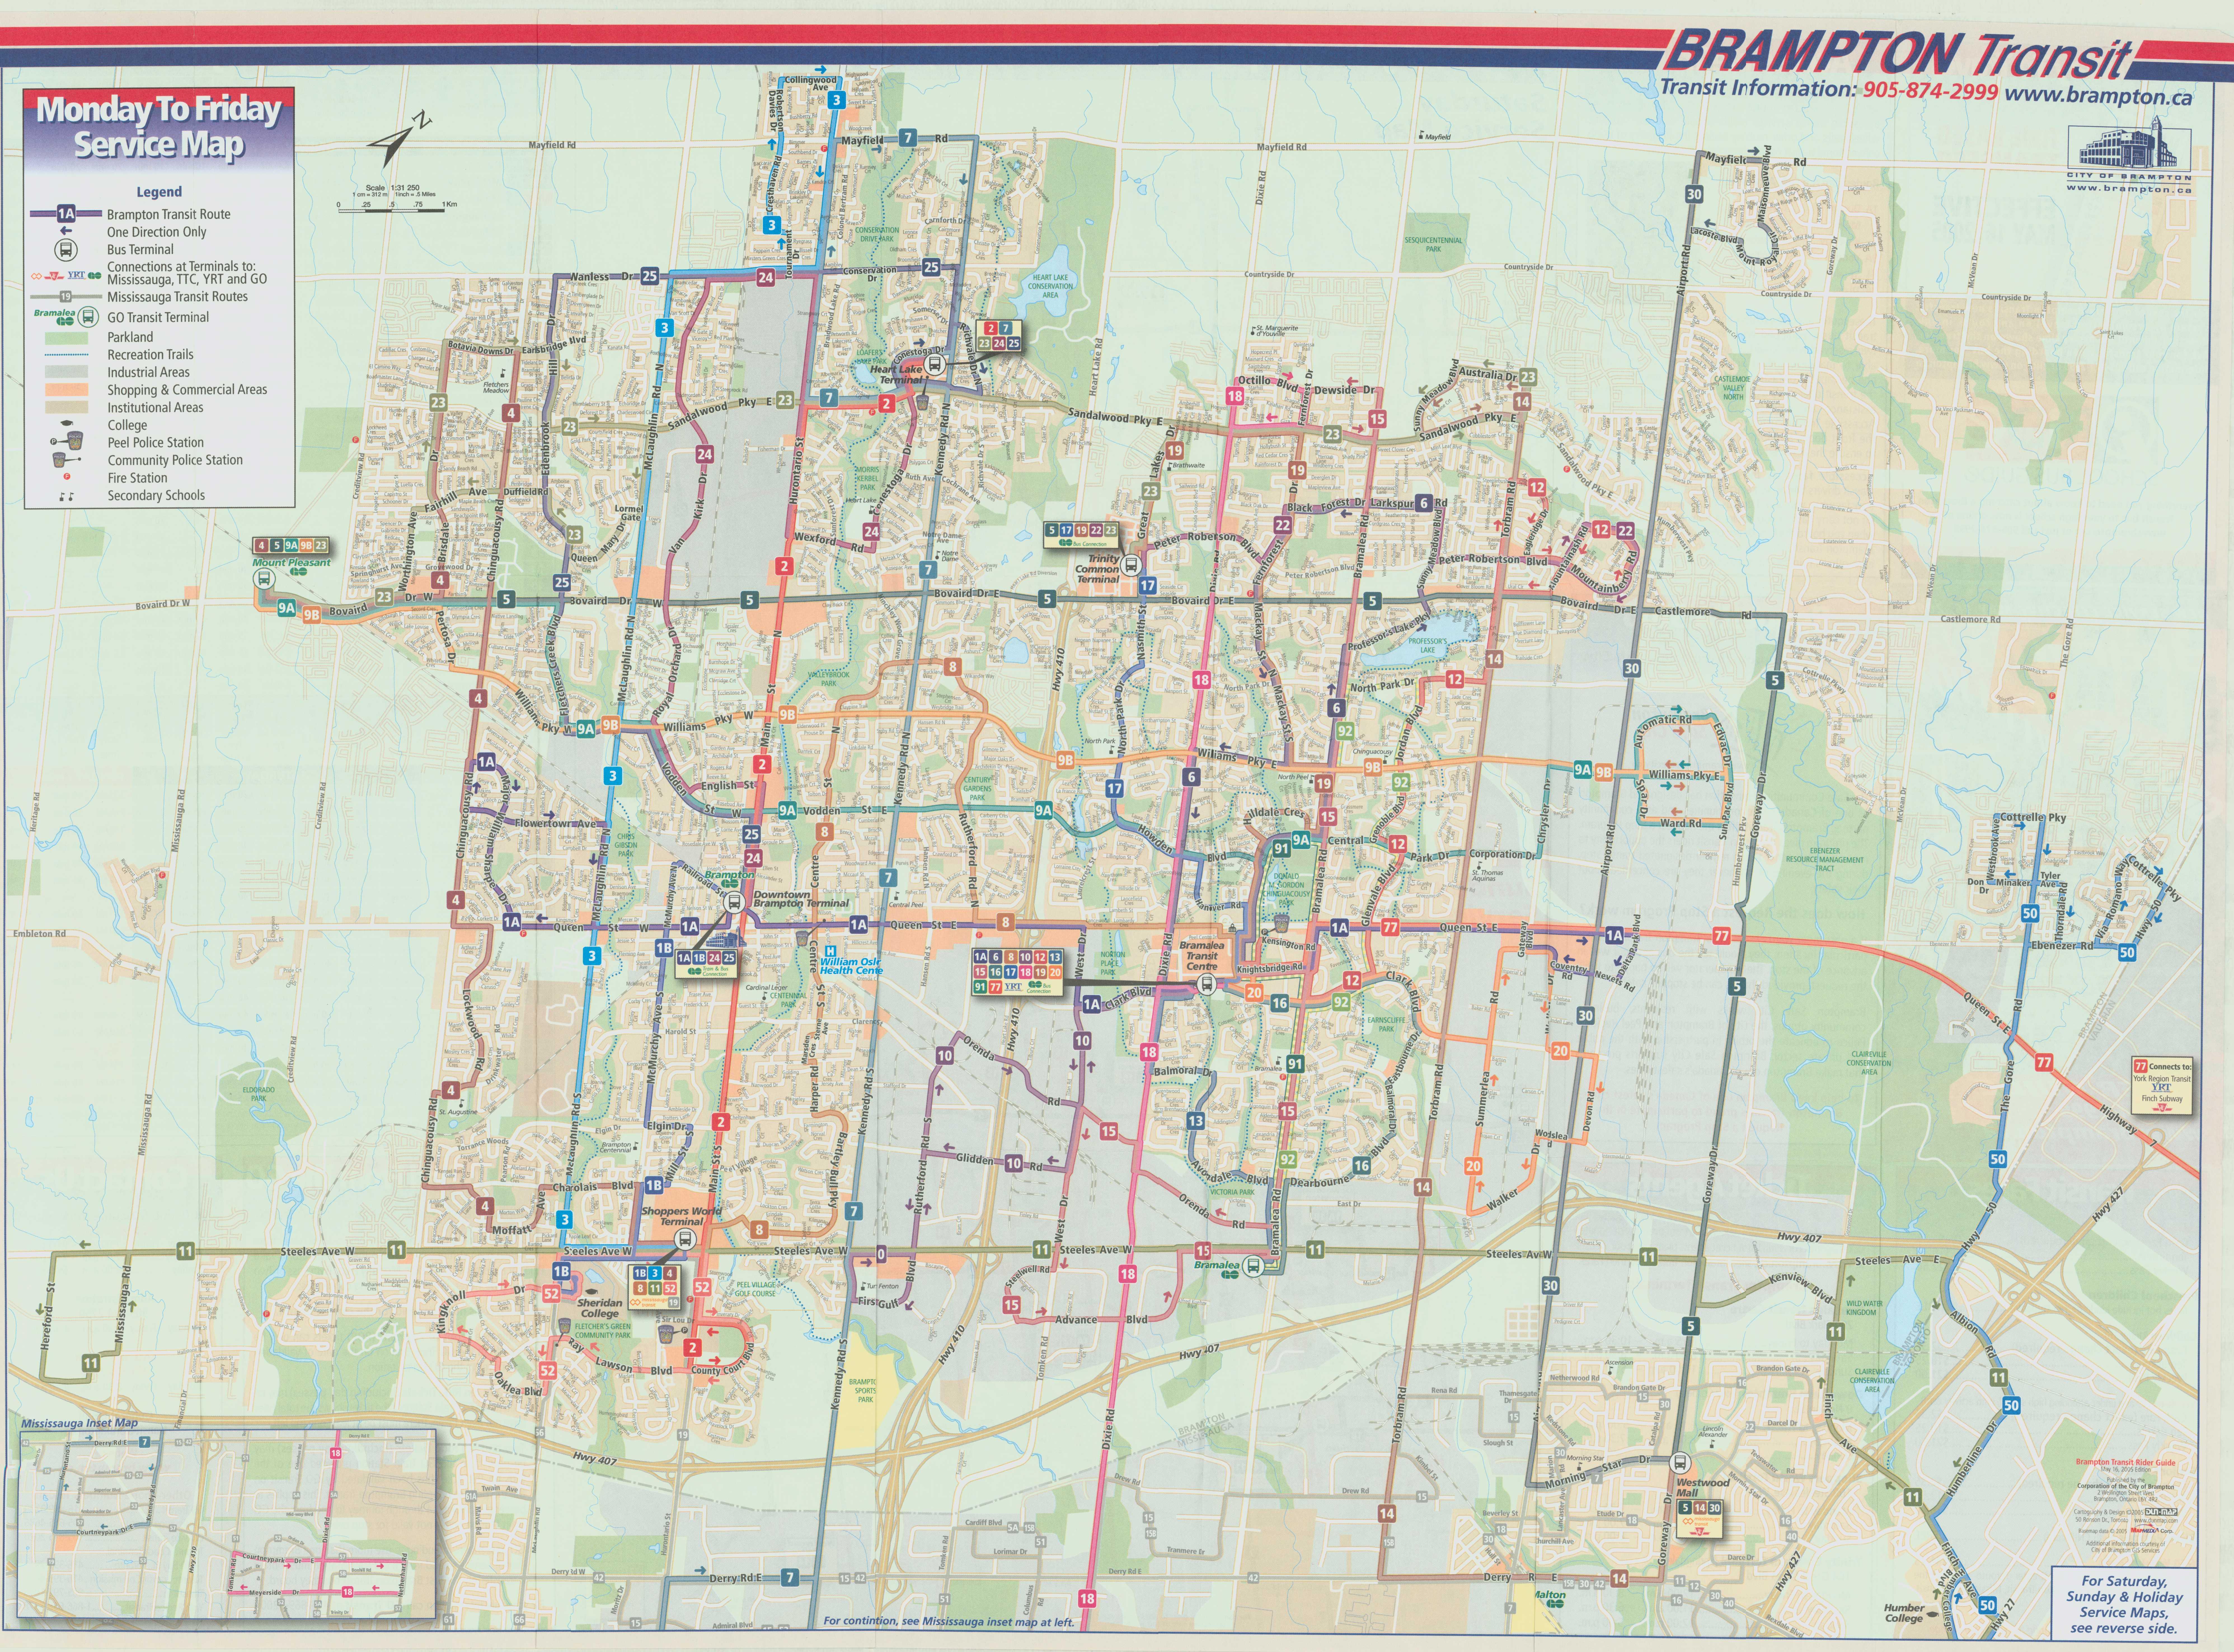 Brampton Transit Map Brampton Transit's evolution from a laggard to a leader  Brampton Transit Map